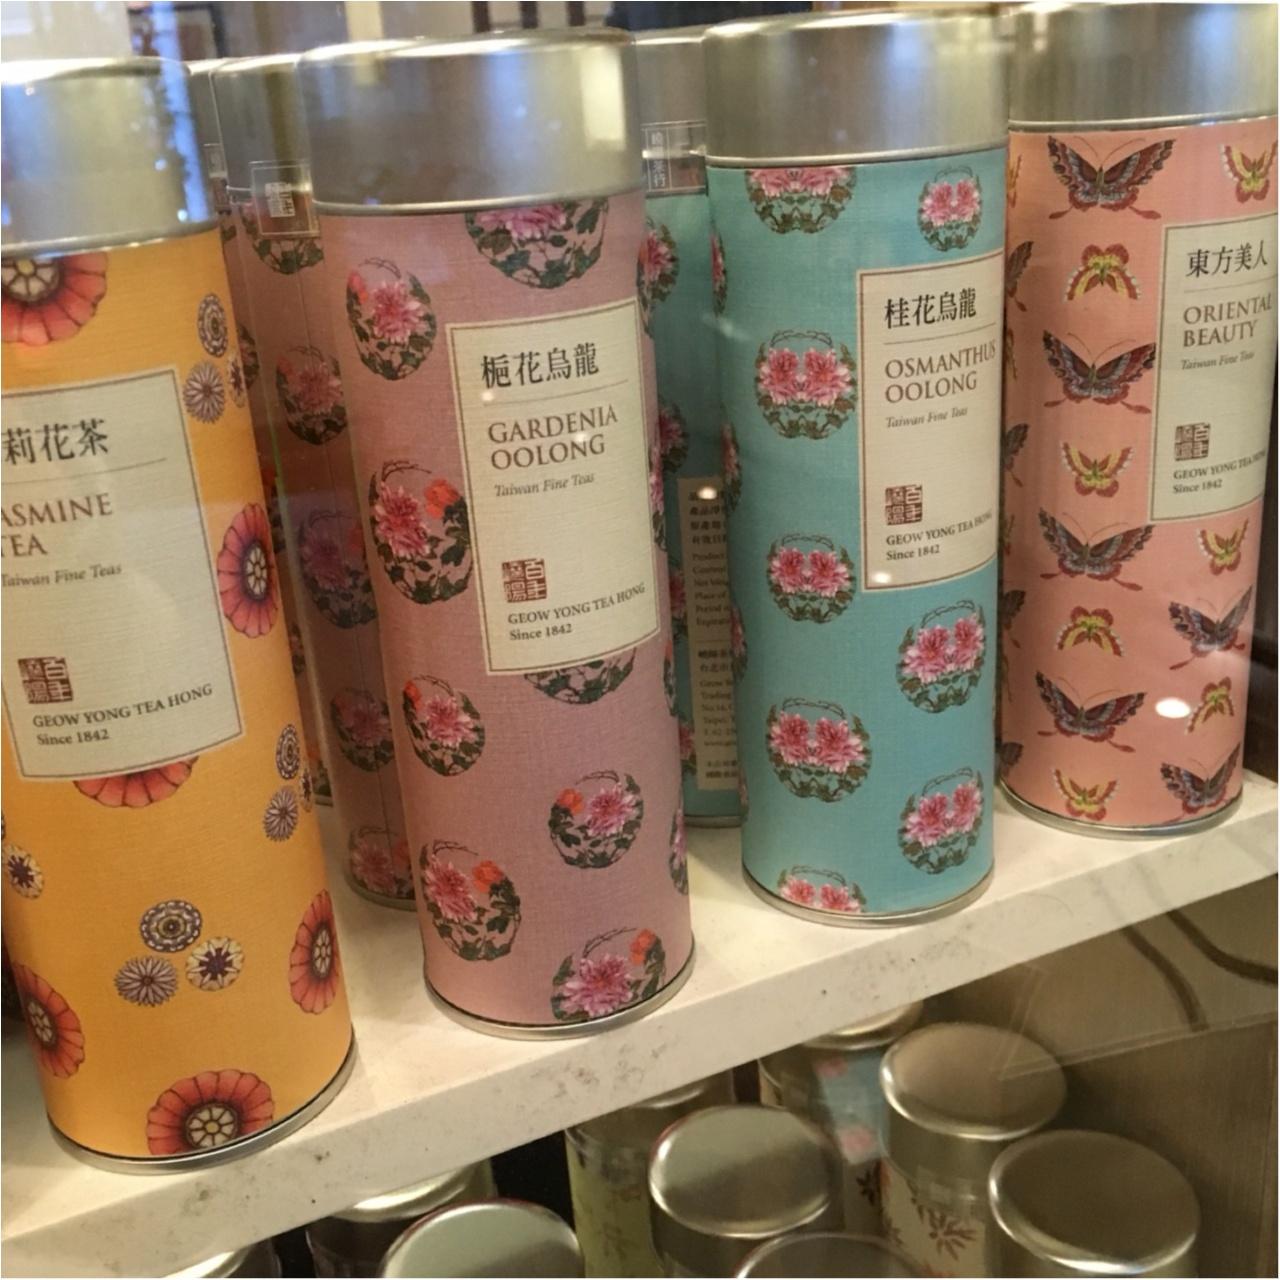 ≪台湾旅行≫嶢陽茶行の台湾茶がオシャレ度高めでかわいすぎる♡_2